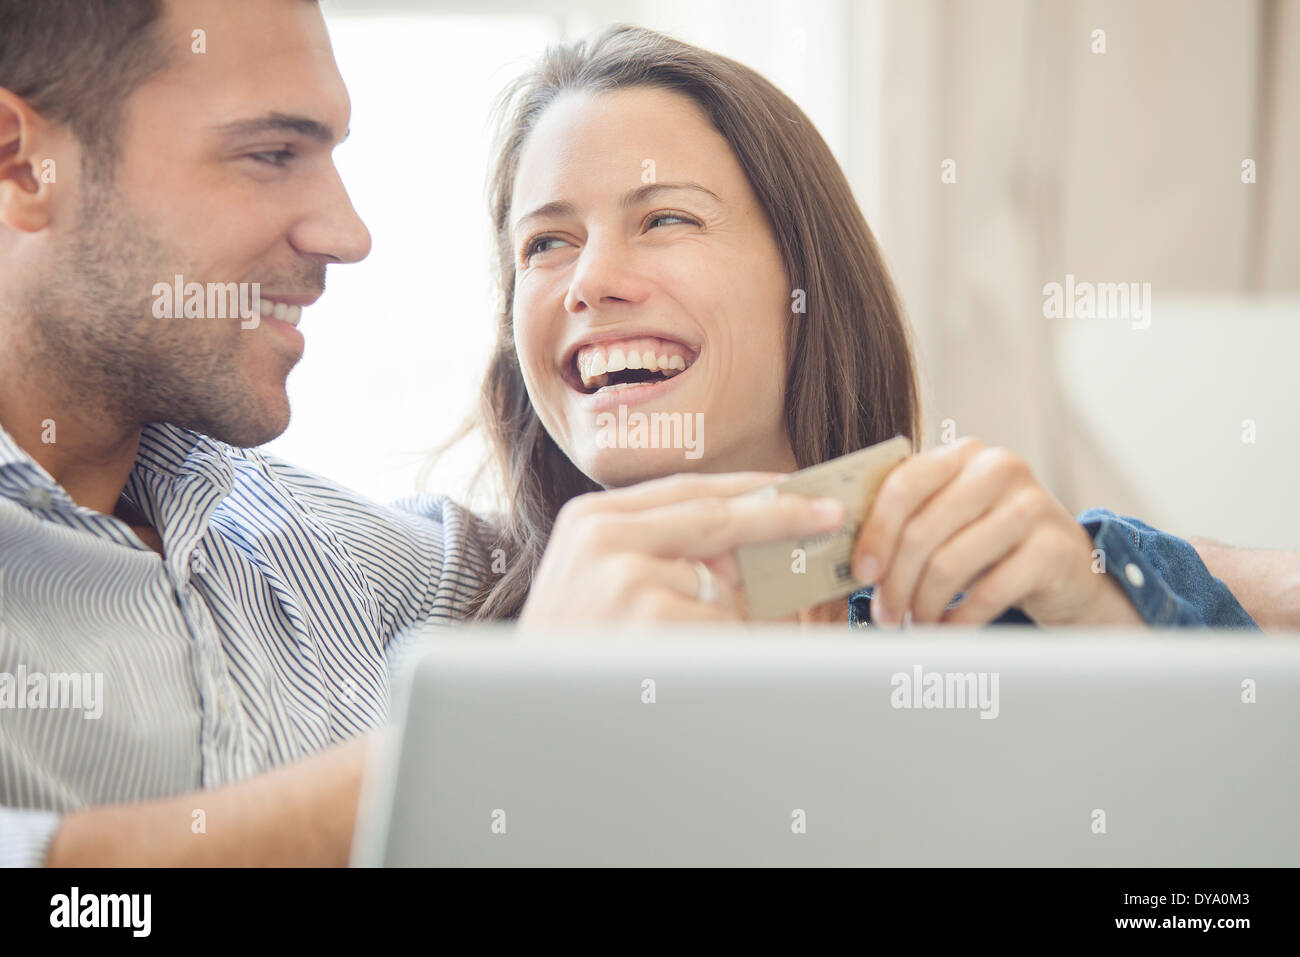 Pareja en el Home Shopping juntos online Imagen De Stock